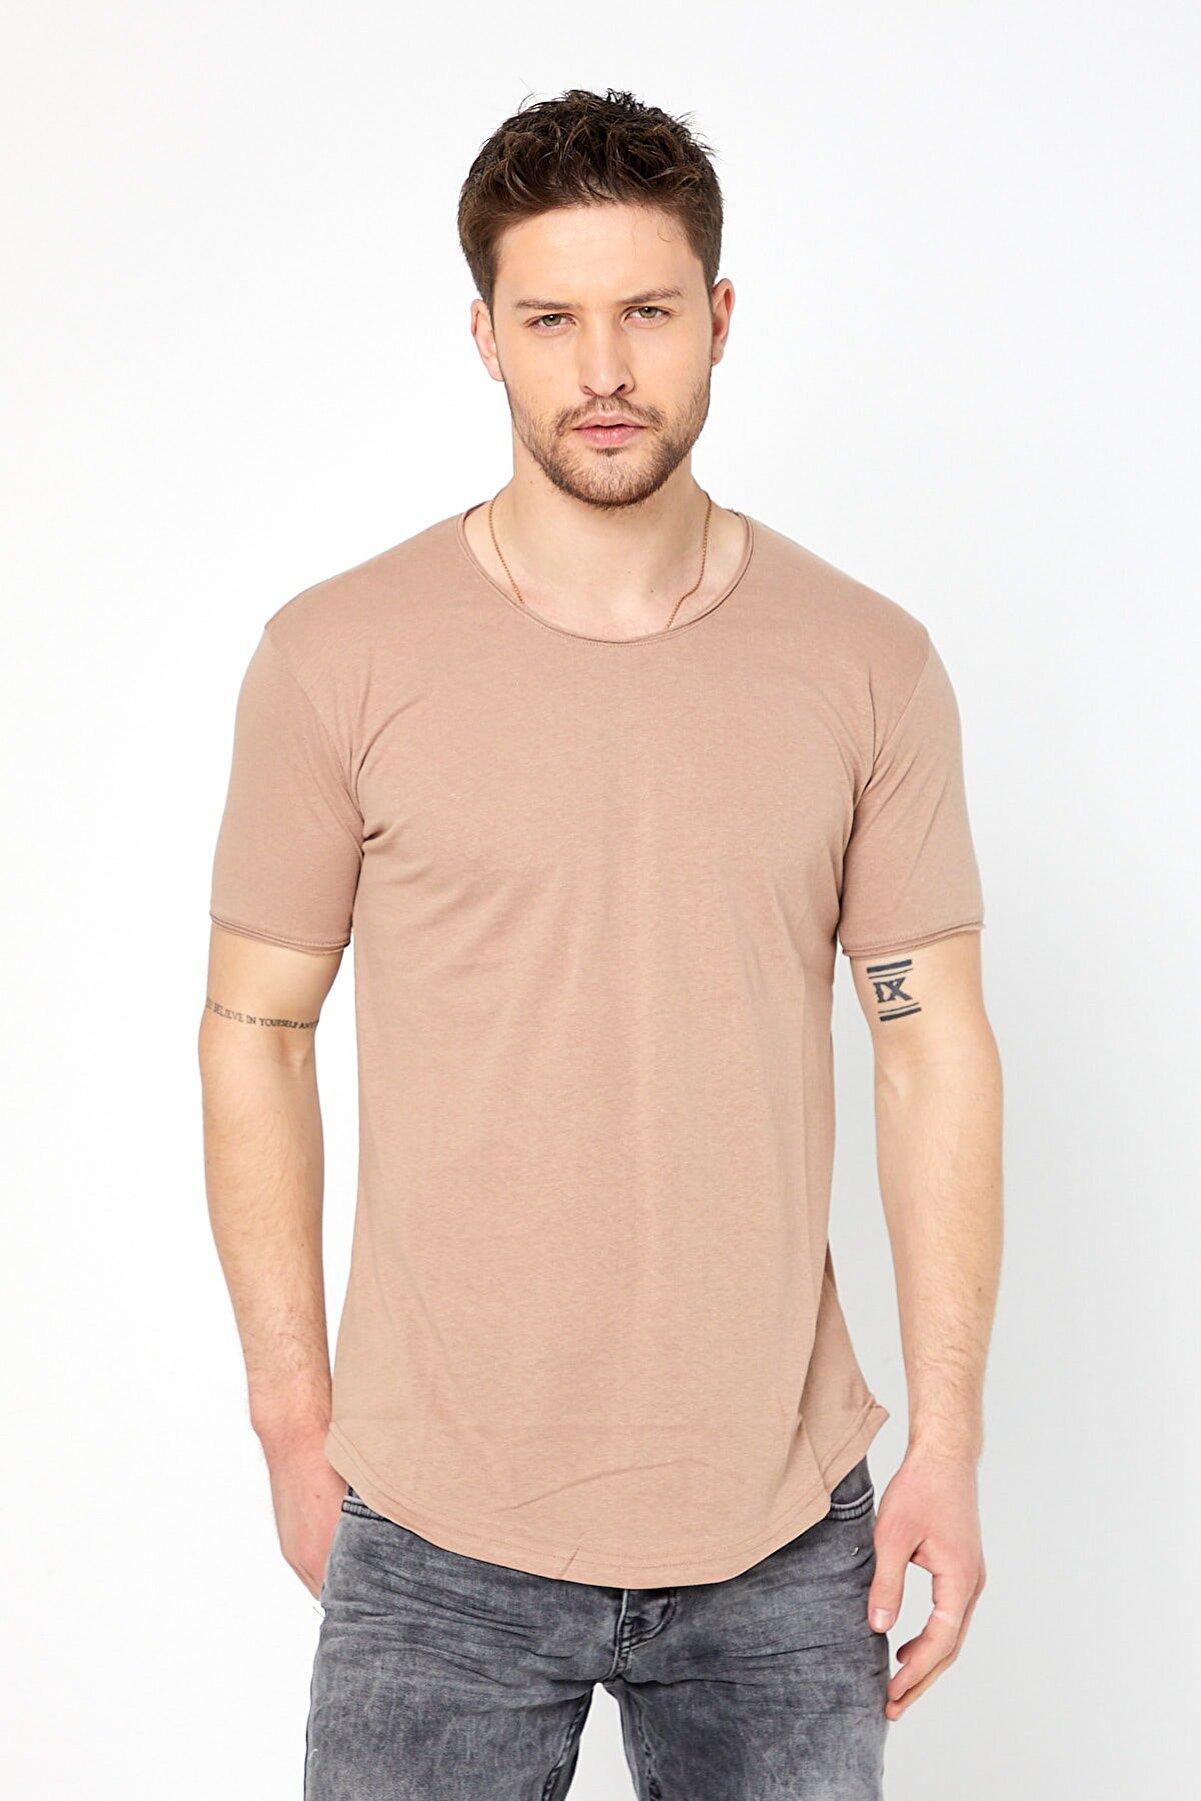 Tarz Cool Erkek Krem Pis Yaka Salaş T-shirt